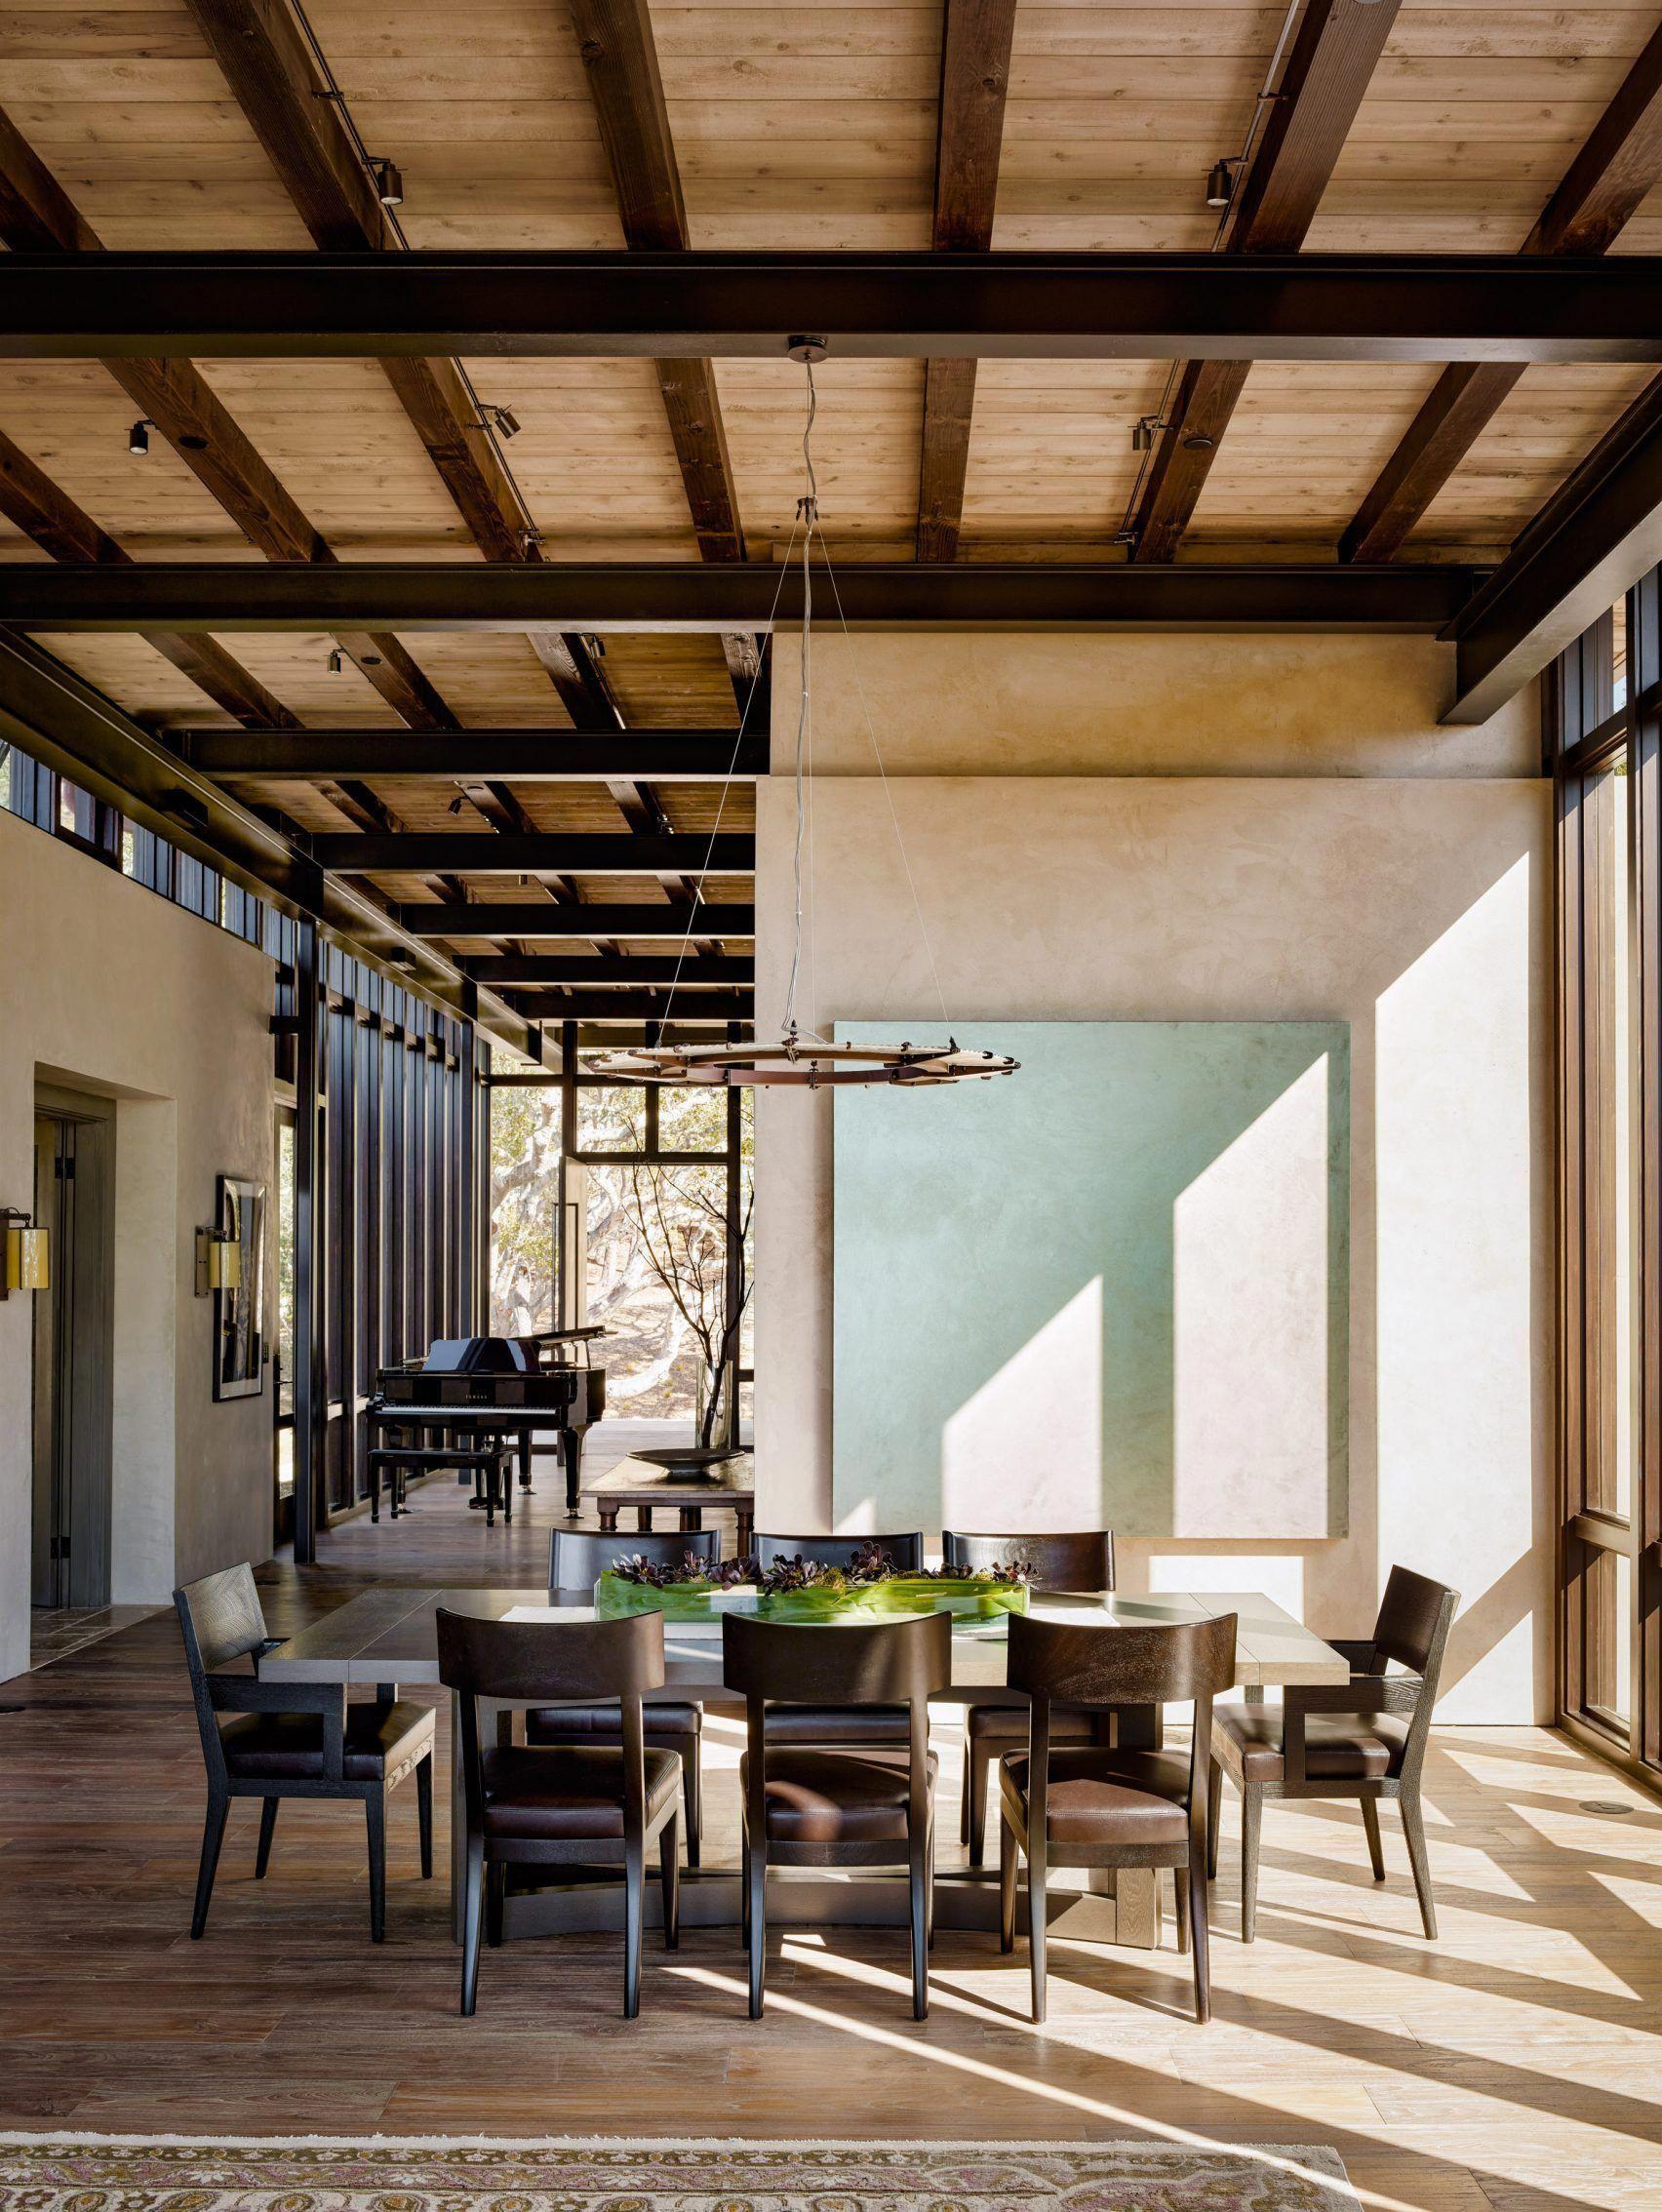 Studio schicketanz design house in carmel valley called tehama 1 homedecormodern